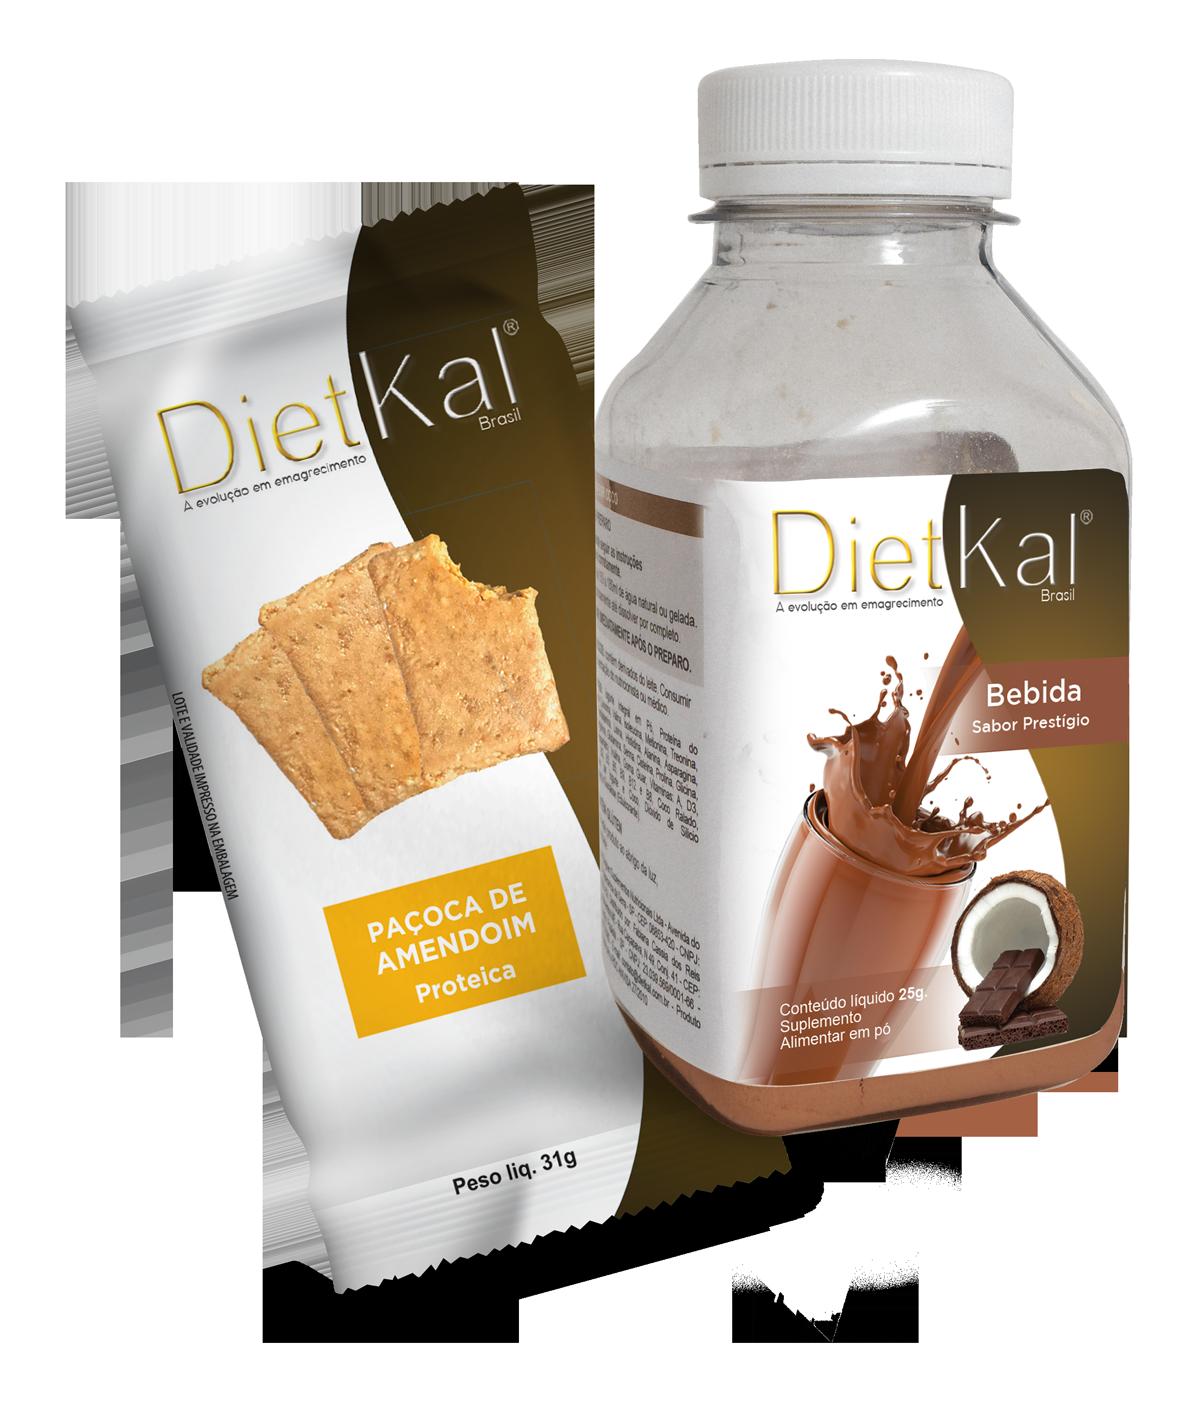 Dietkal-imagem-2